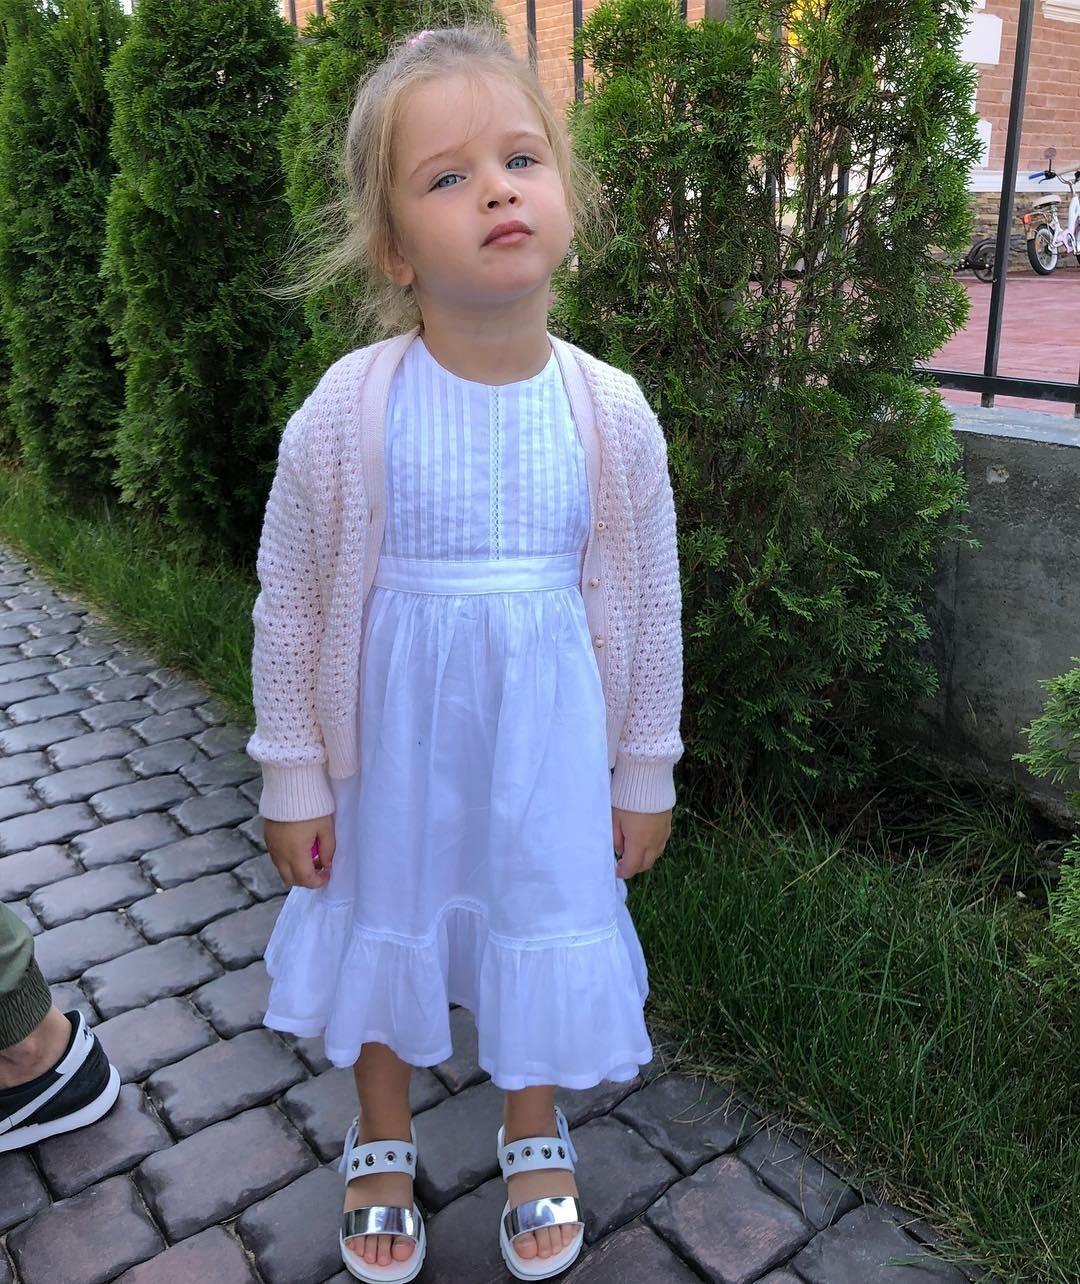 Пусть маленькая принцесса сдетства знает, что красота - вдеталях. Кнежным воздушным платьям прекрасно подойдет кардиган впудровых тонах - они втренде вэтом сезоне. Нетак важно, свя...